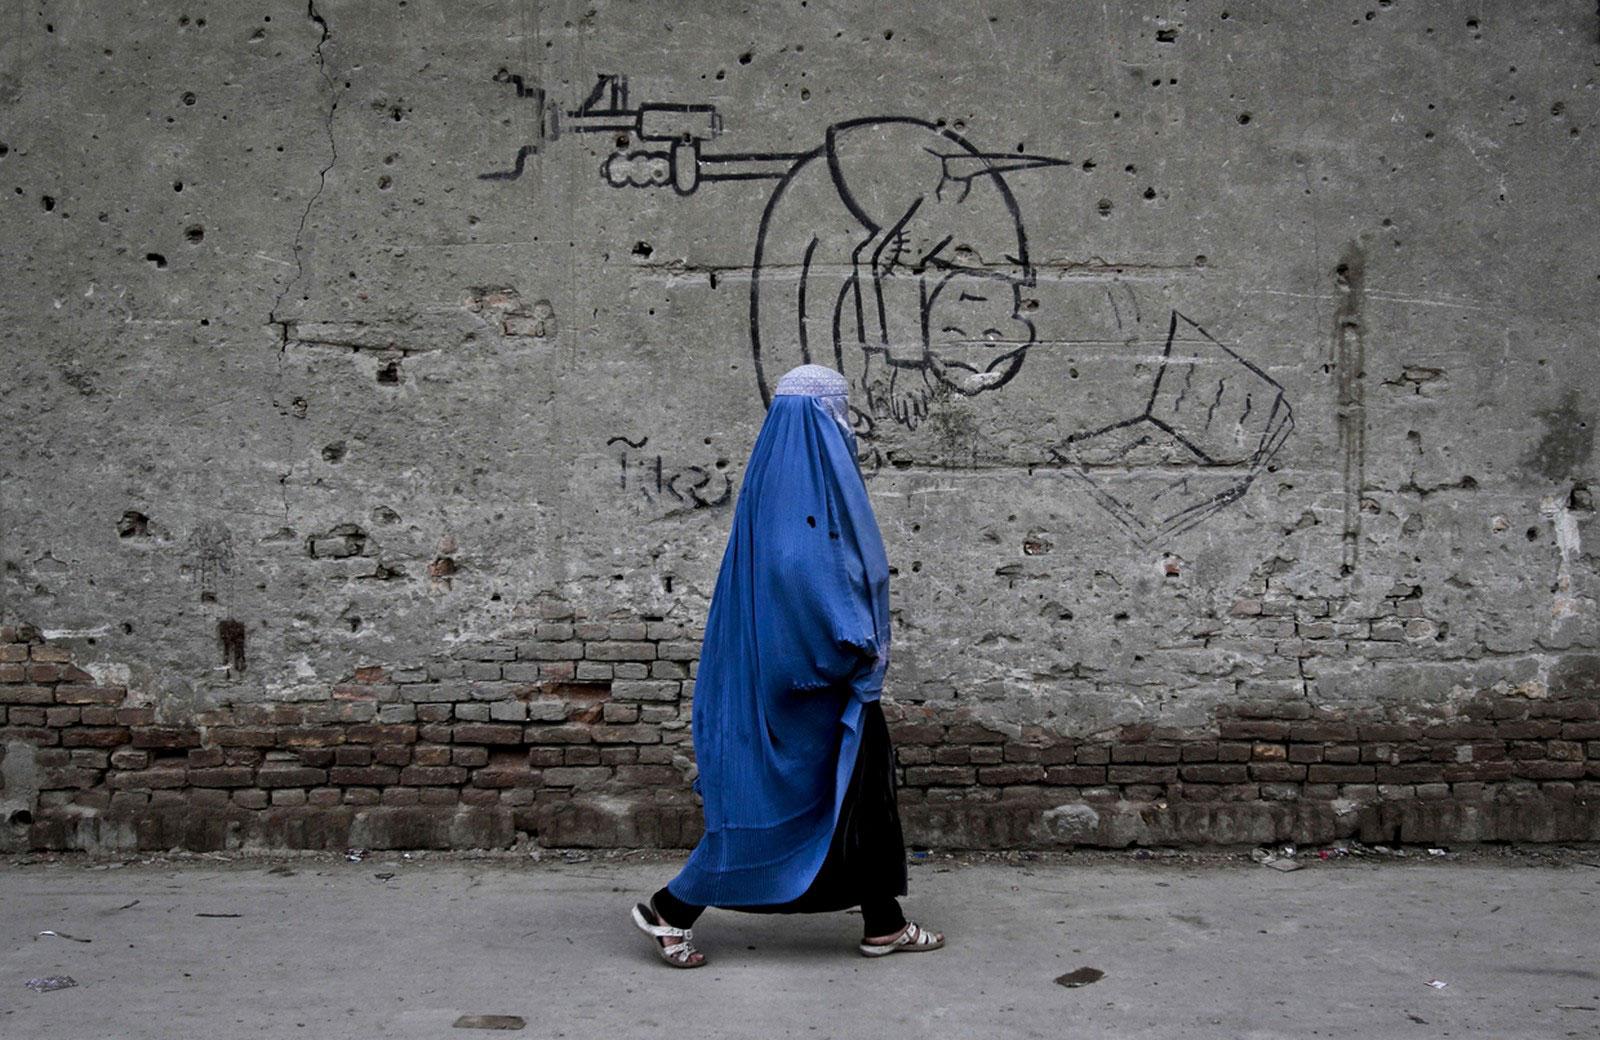 граффити с персидской письменностью